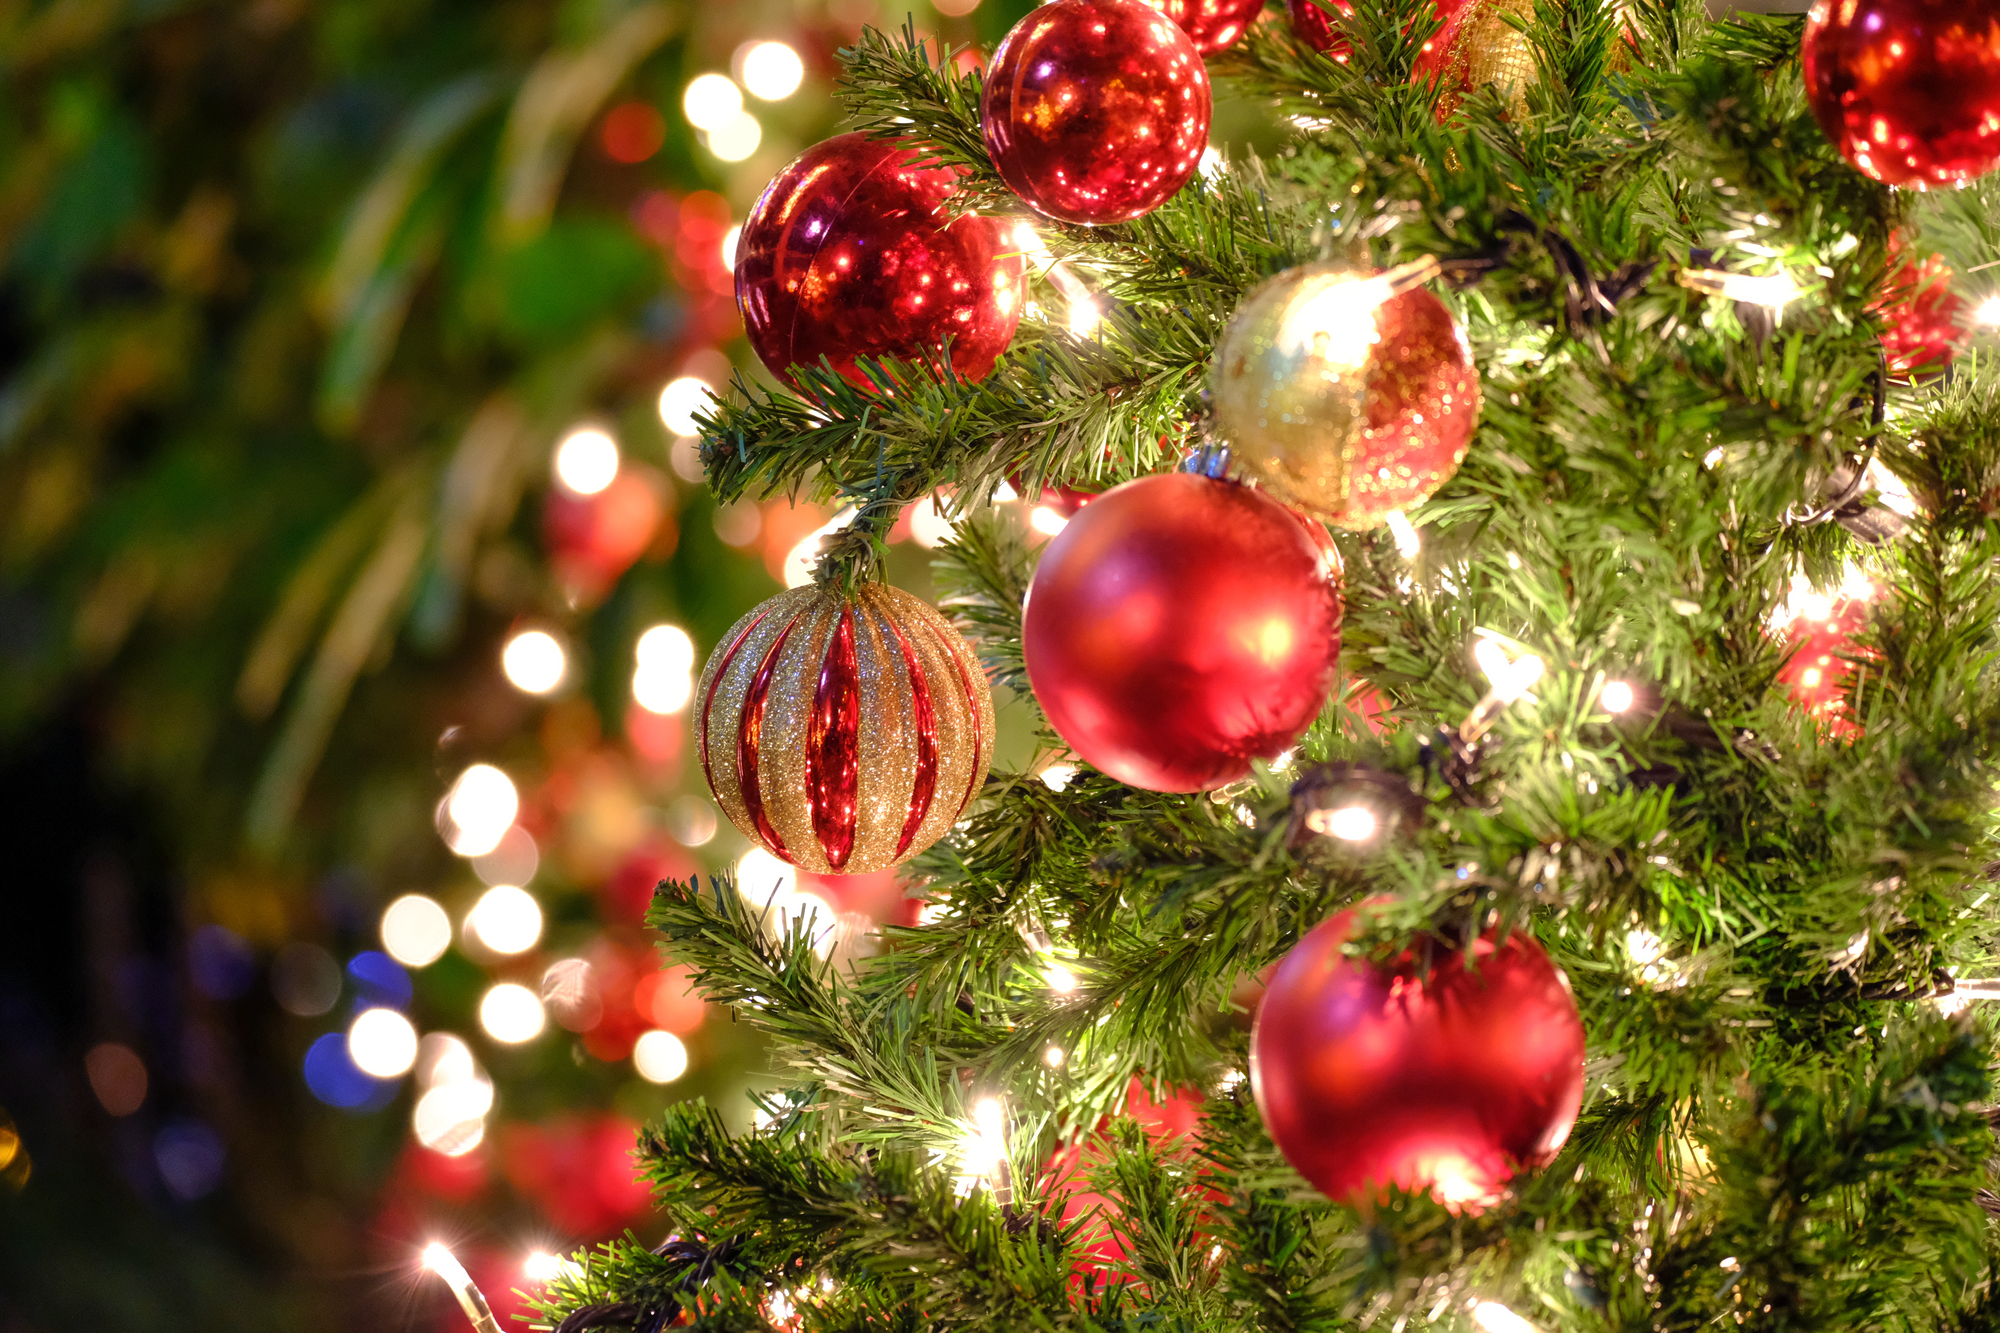 ロサンゼルスで暮らす人たちは、クリスマスをどう過ごしている?